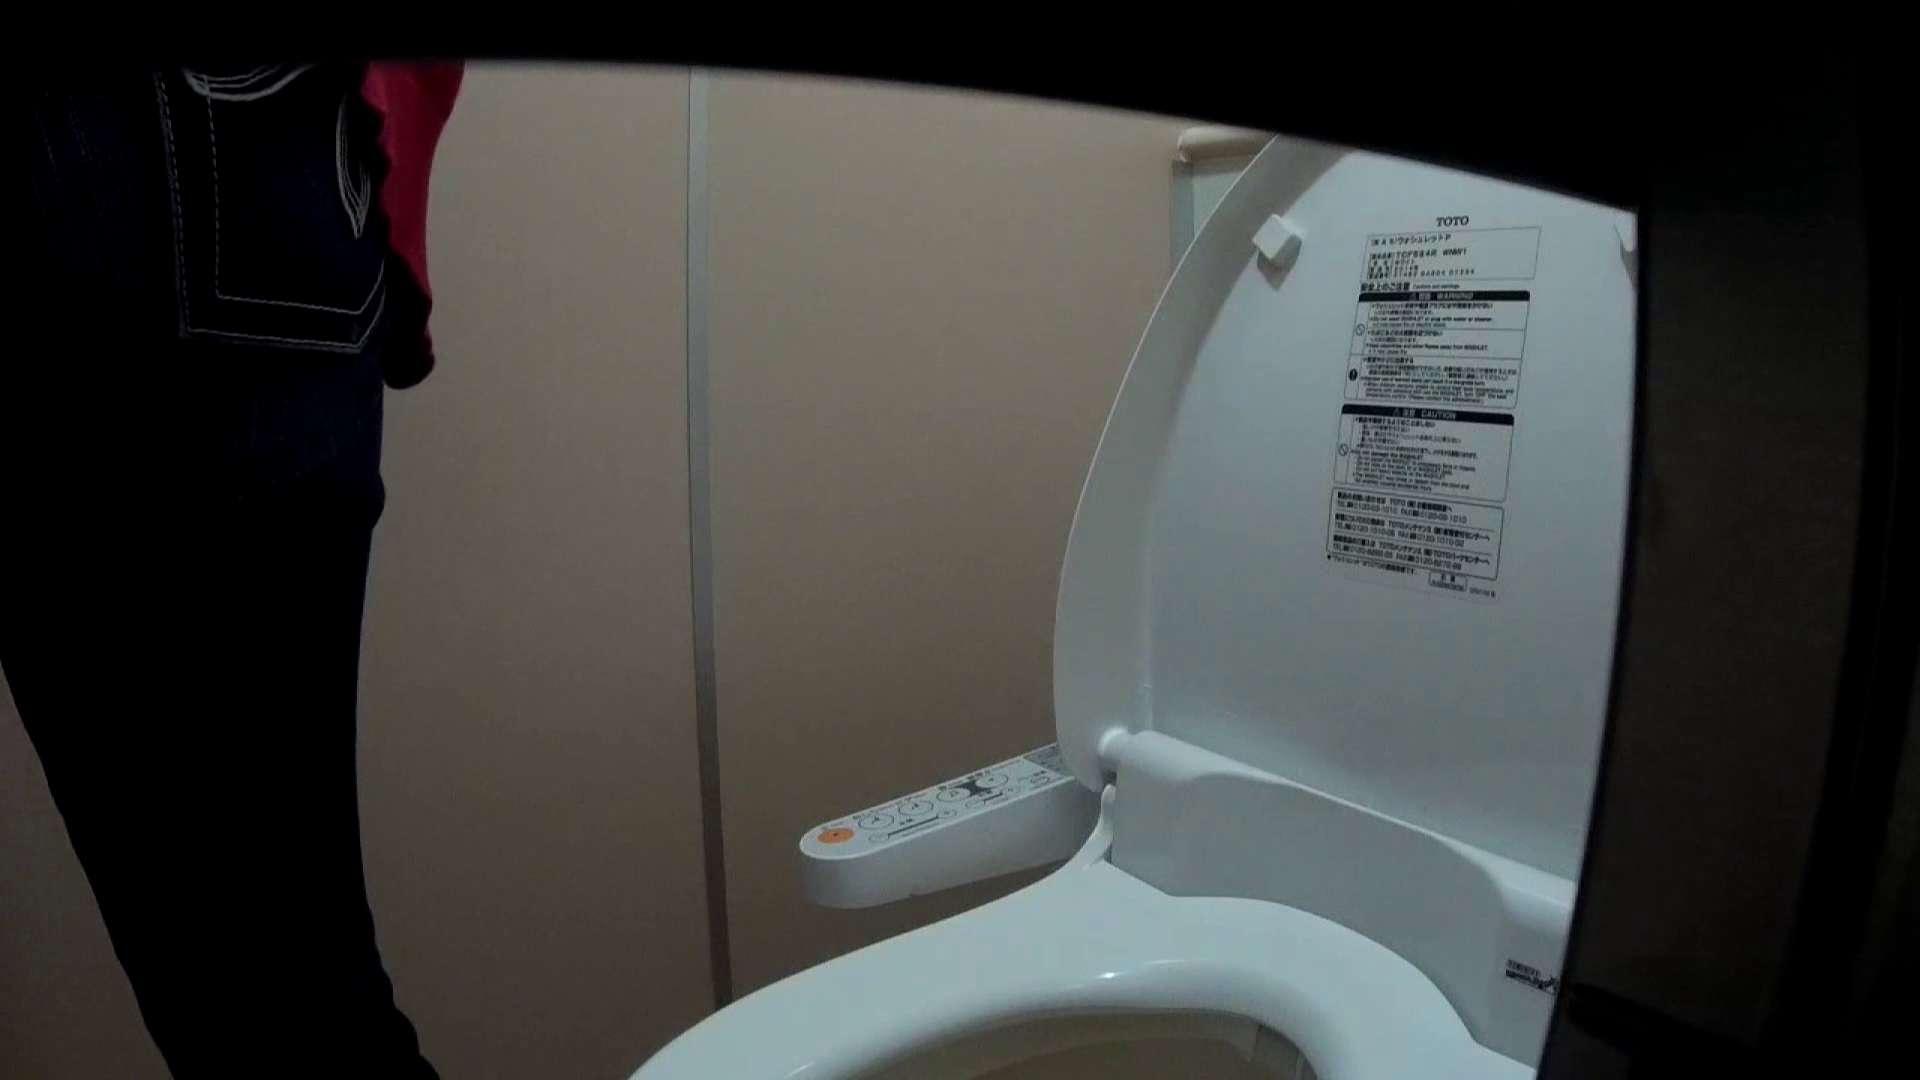 有名大学女性洗面所 vol.43 いつみても神秘的な世界です。 OLの実態  82pic 54